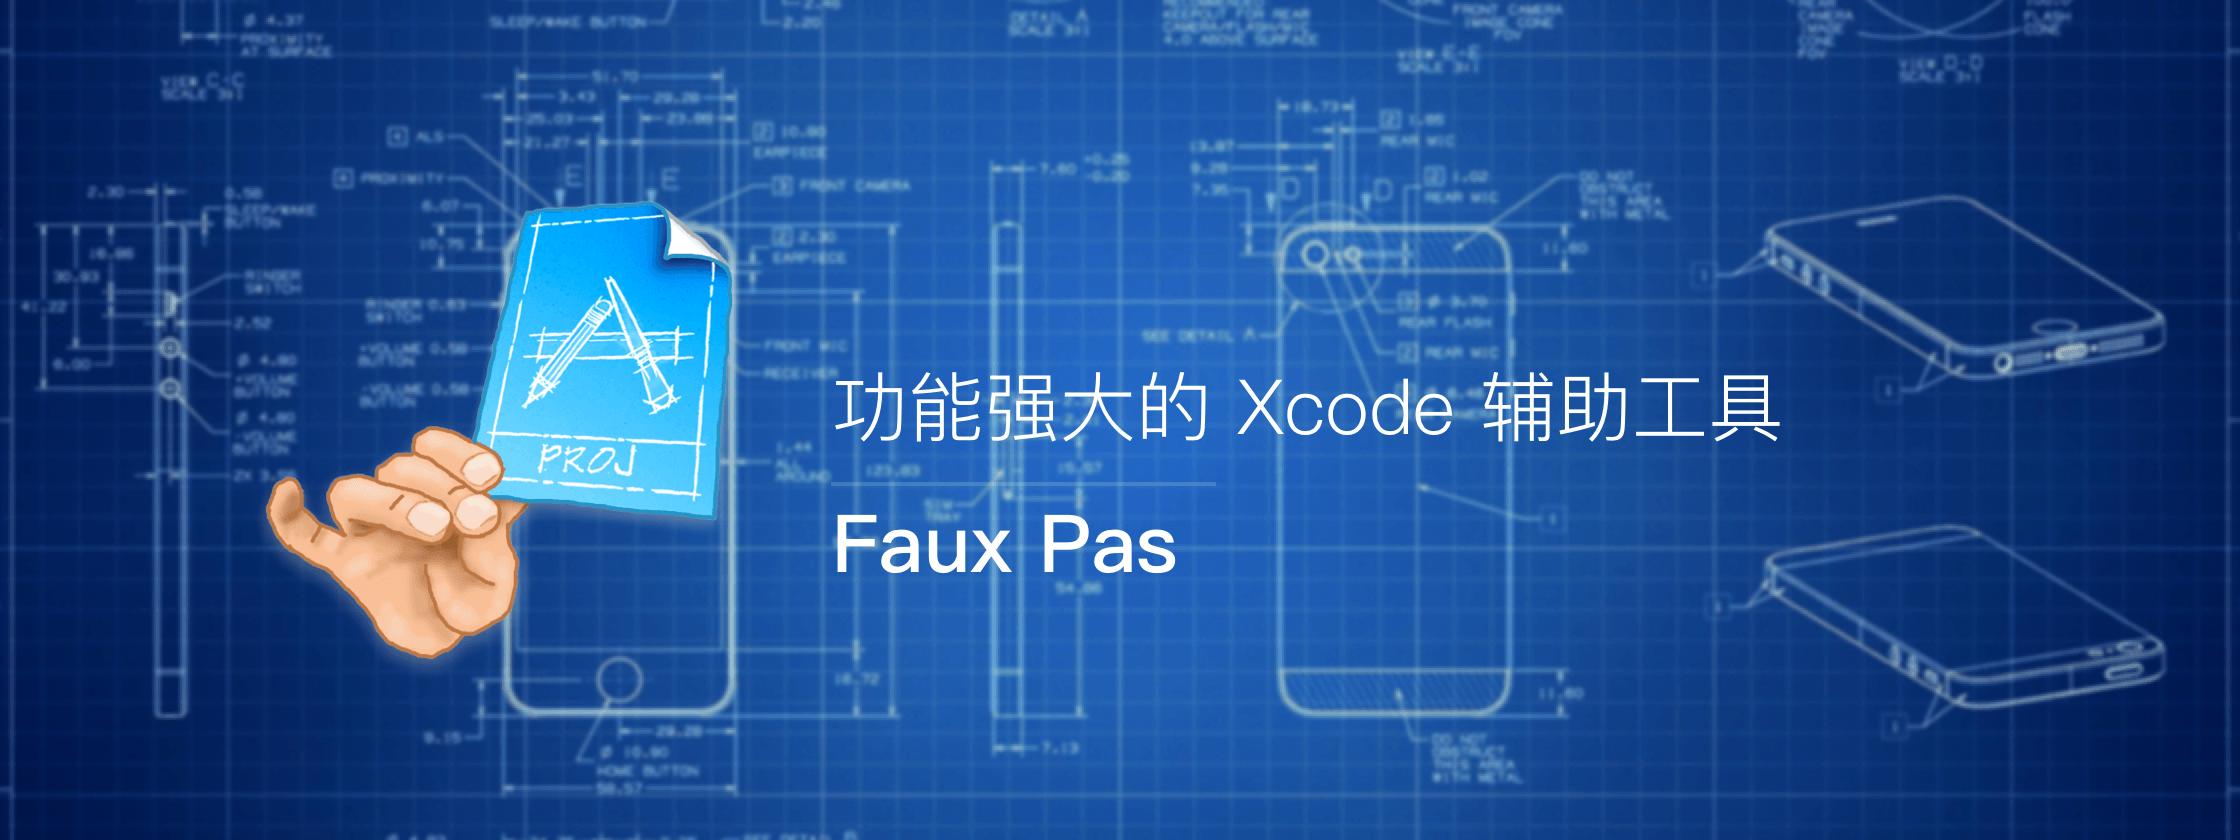 Faux Pas – 功能强大的 Xcode 辅助工具